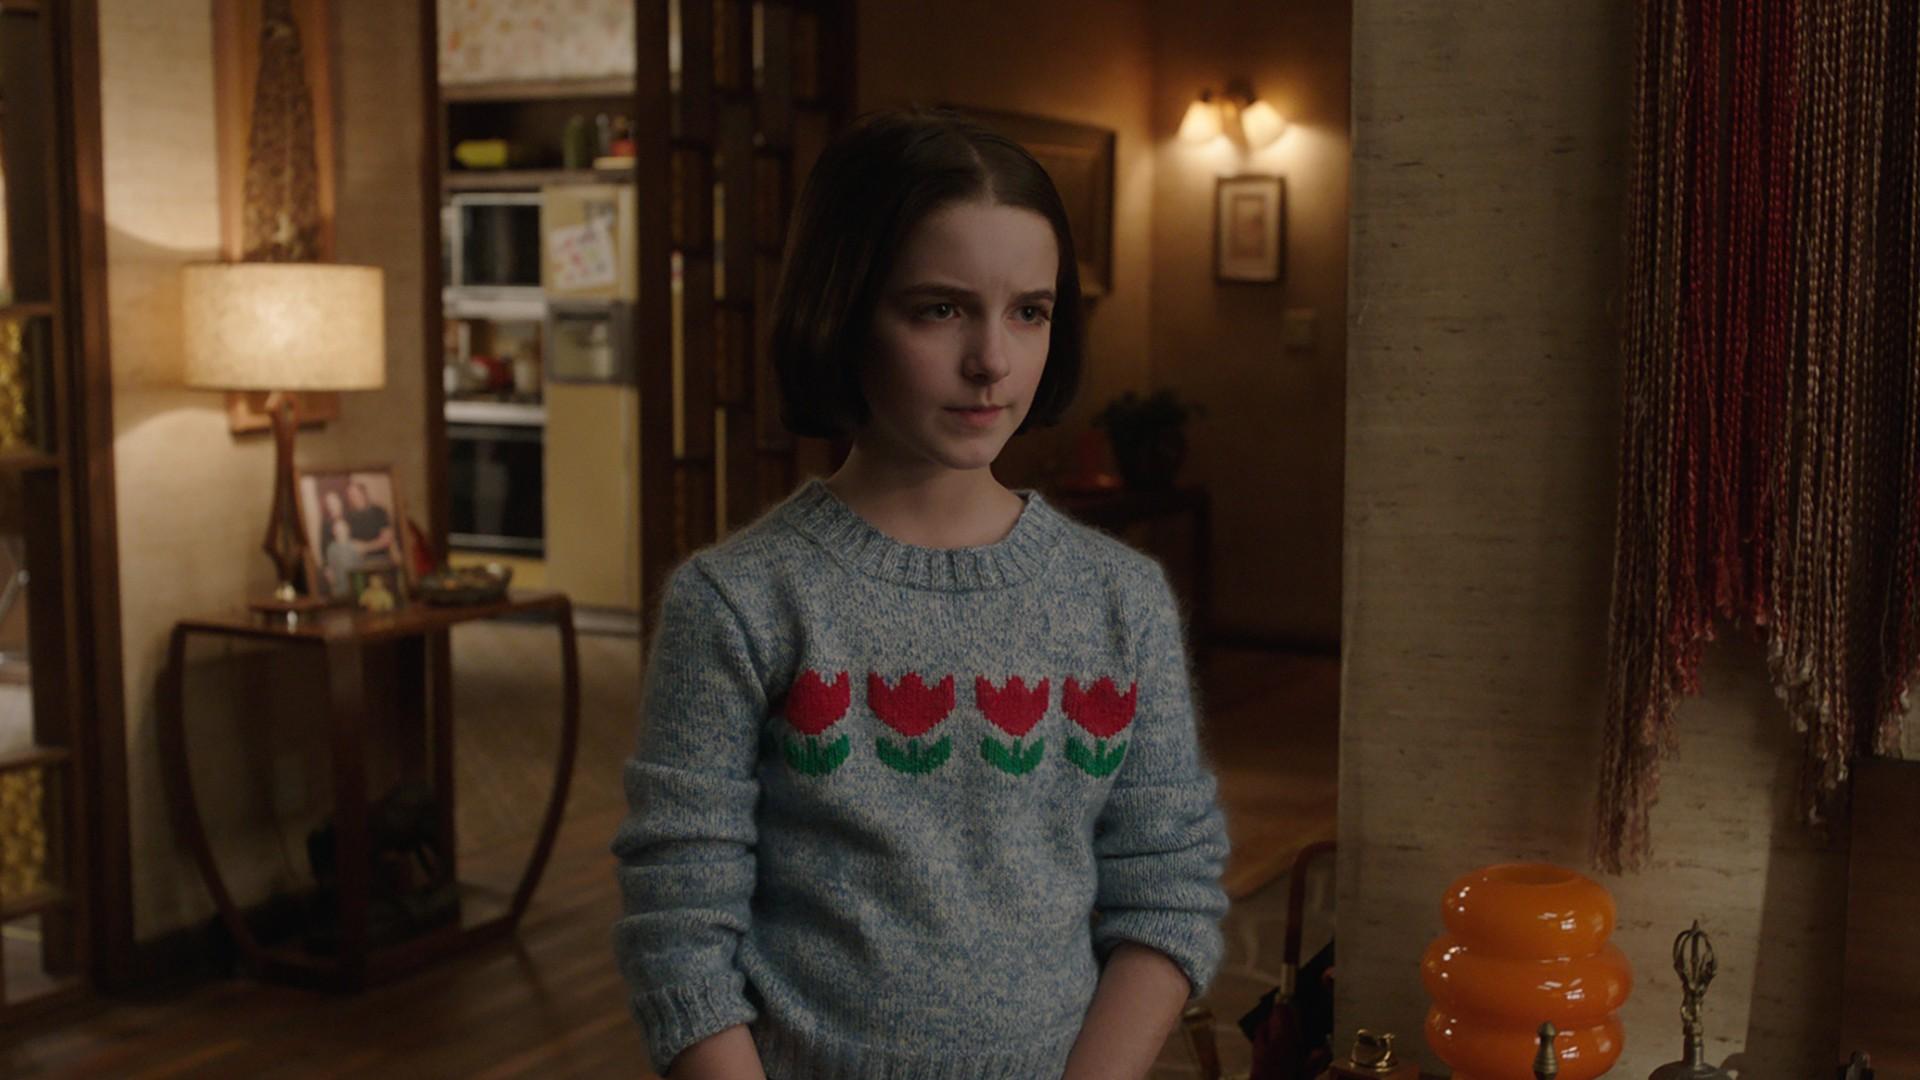 Dàn cast hot nhất Annabelle 2019: Nhan sắc của Annabelle gây ngỡ ngàng, bất ngờ toàn sao Marvel và DC tụ hội - Ảnh 13.